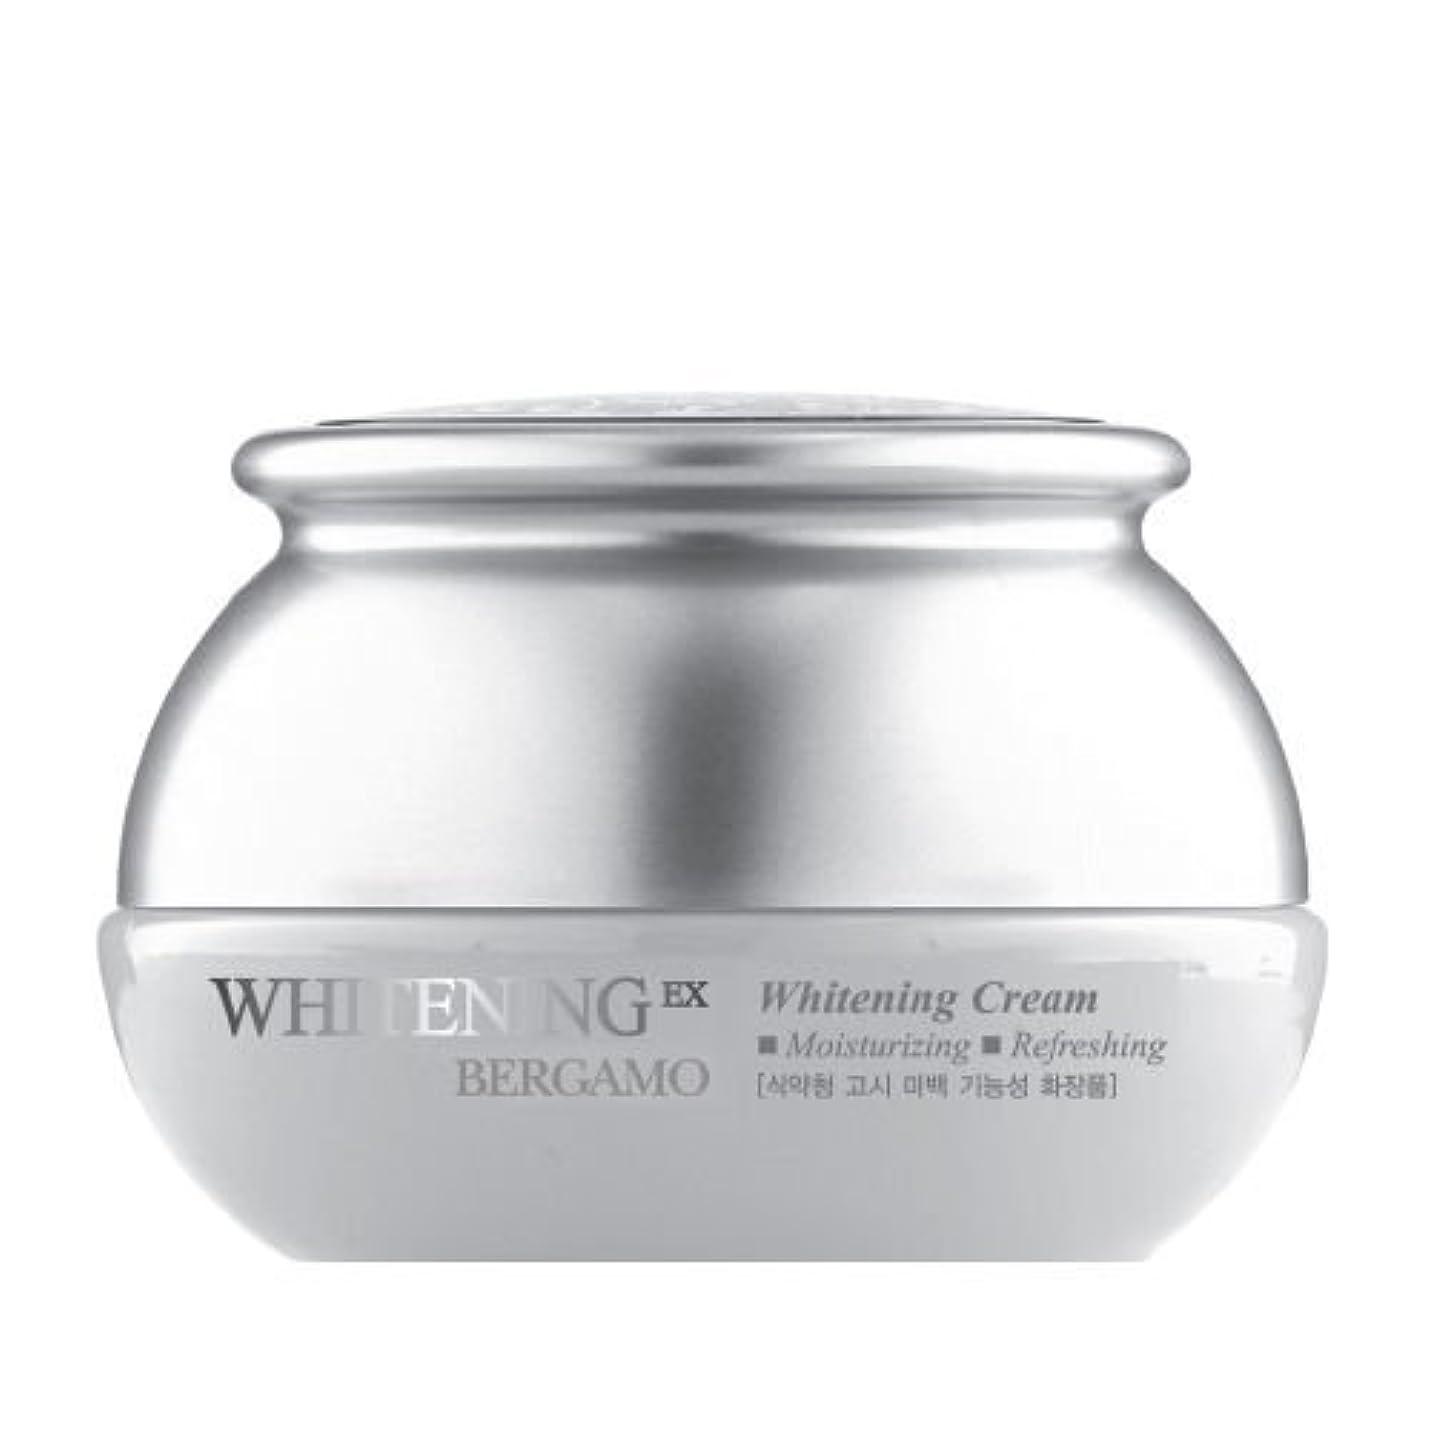 スリップレコーダー文言ベルガモ[韓国コスメBergamo]Whitening EX Wrinkle Care Cream ホワイトニングEXリンクルケアクリーム50ml しわ管理 [並行輸入品]